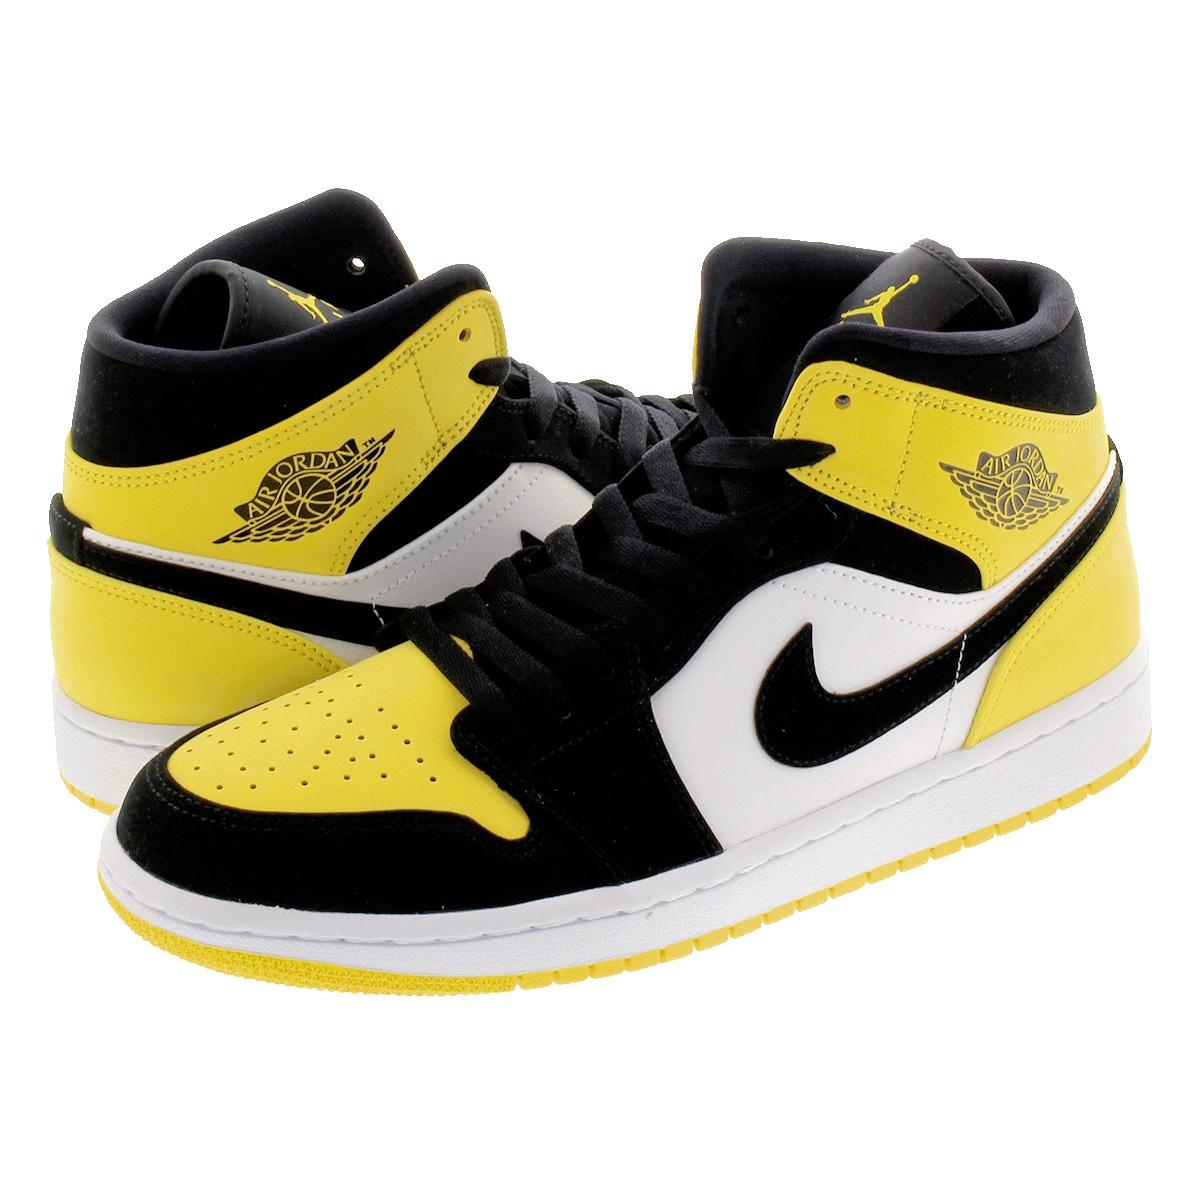 buy popular 2b4d1 b2d5e NIKE AIR JORDAN 1 MID SE Nike Air Jordan 1 mid SE BLACK/BLACK/TOUR  YELLOW/WHITE 852,542-071